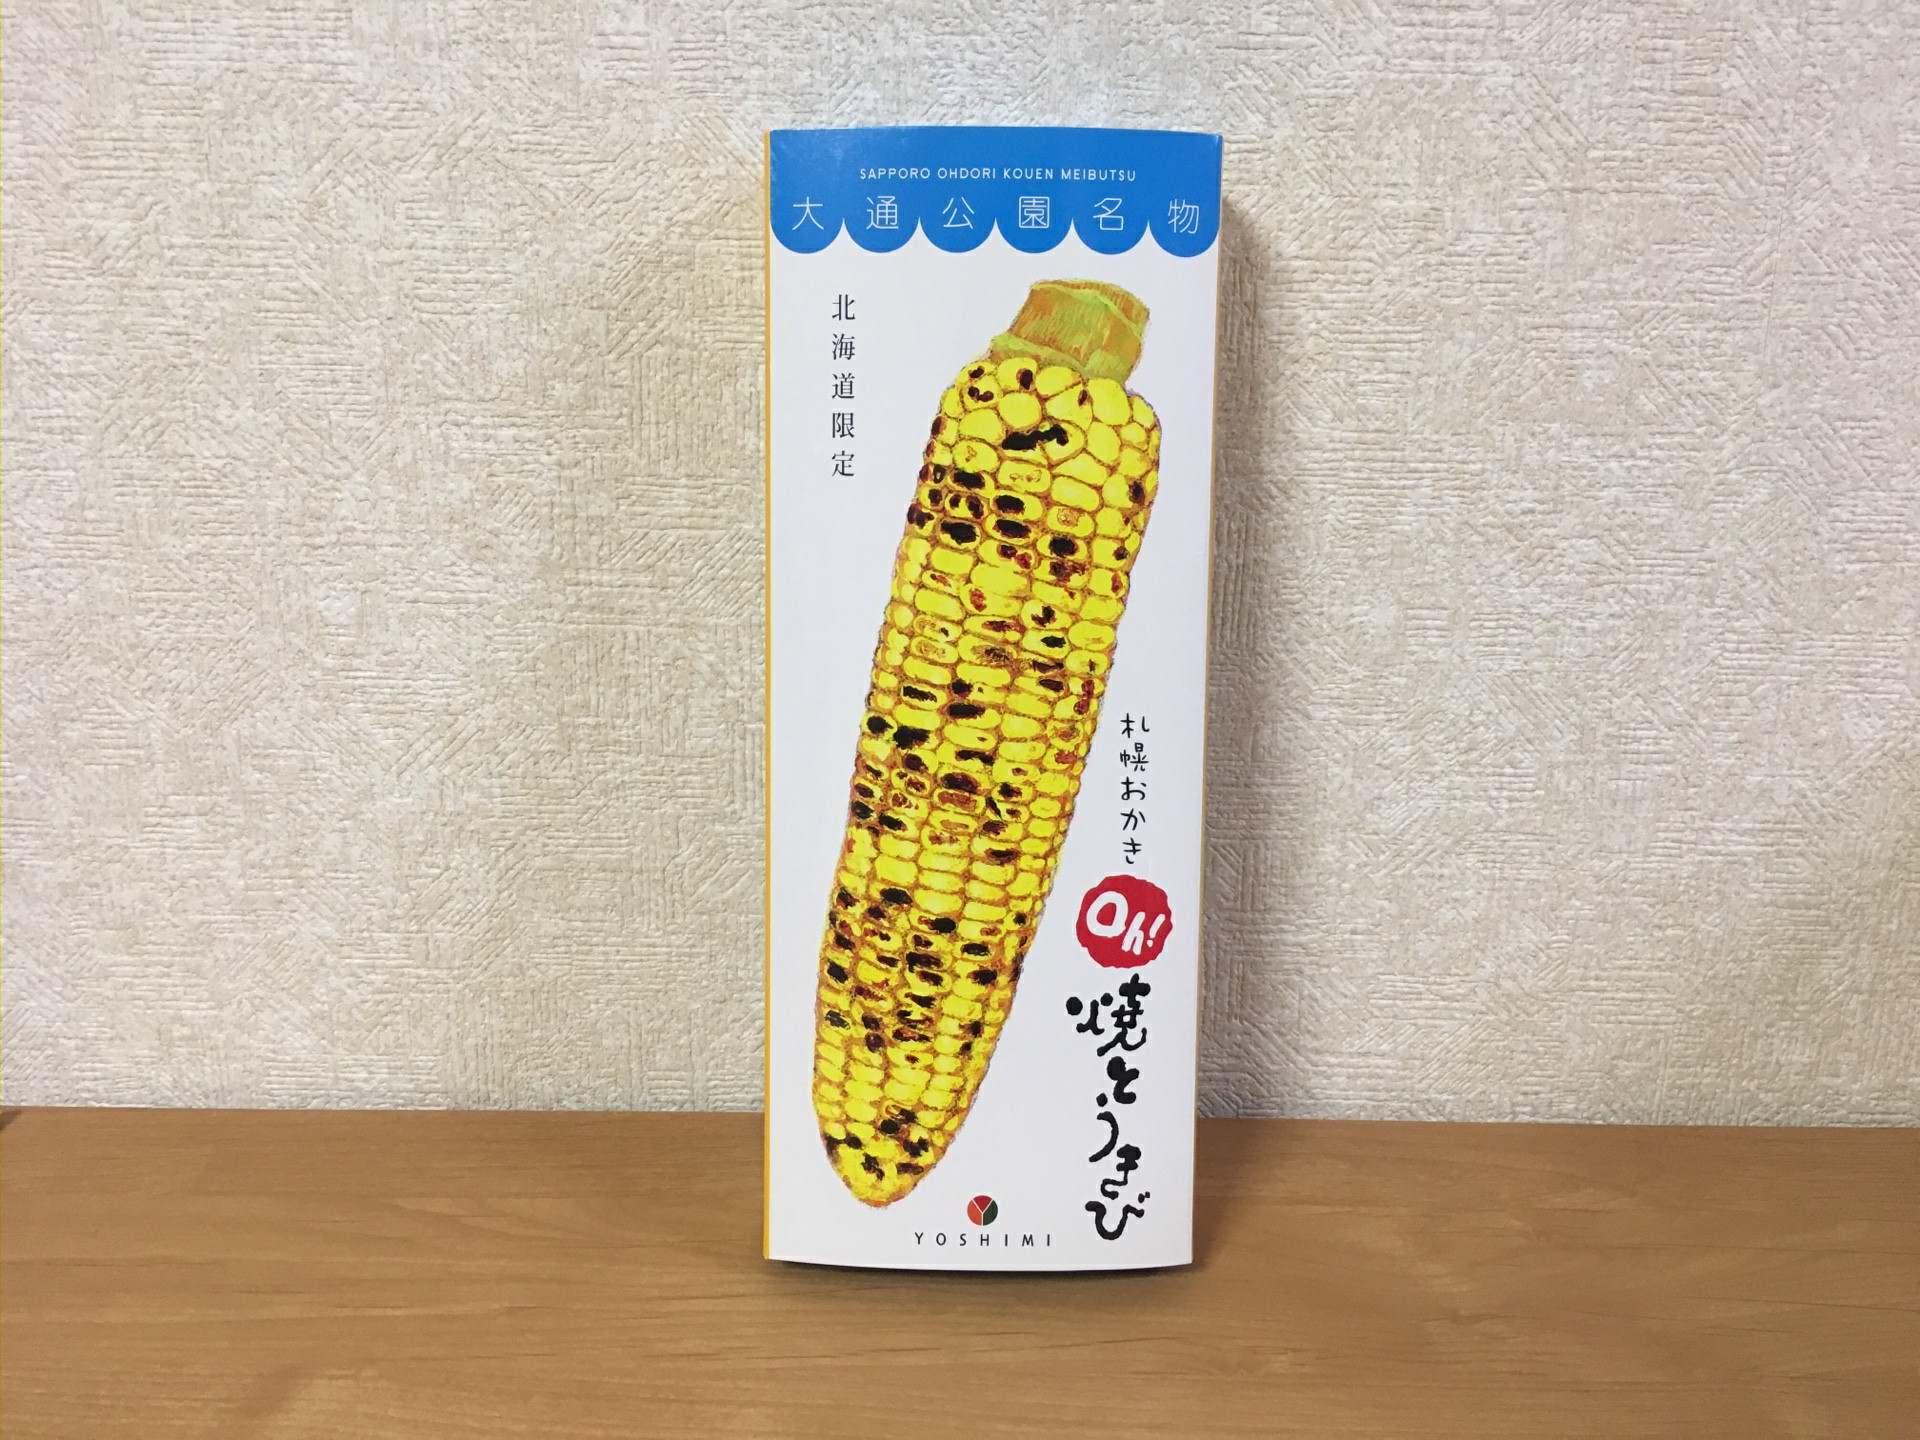 18g×6袋入 648日圓(含稅)